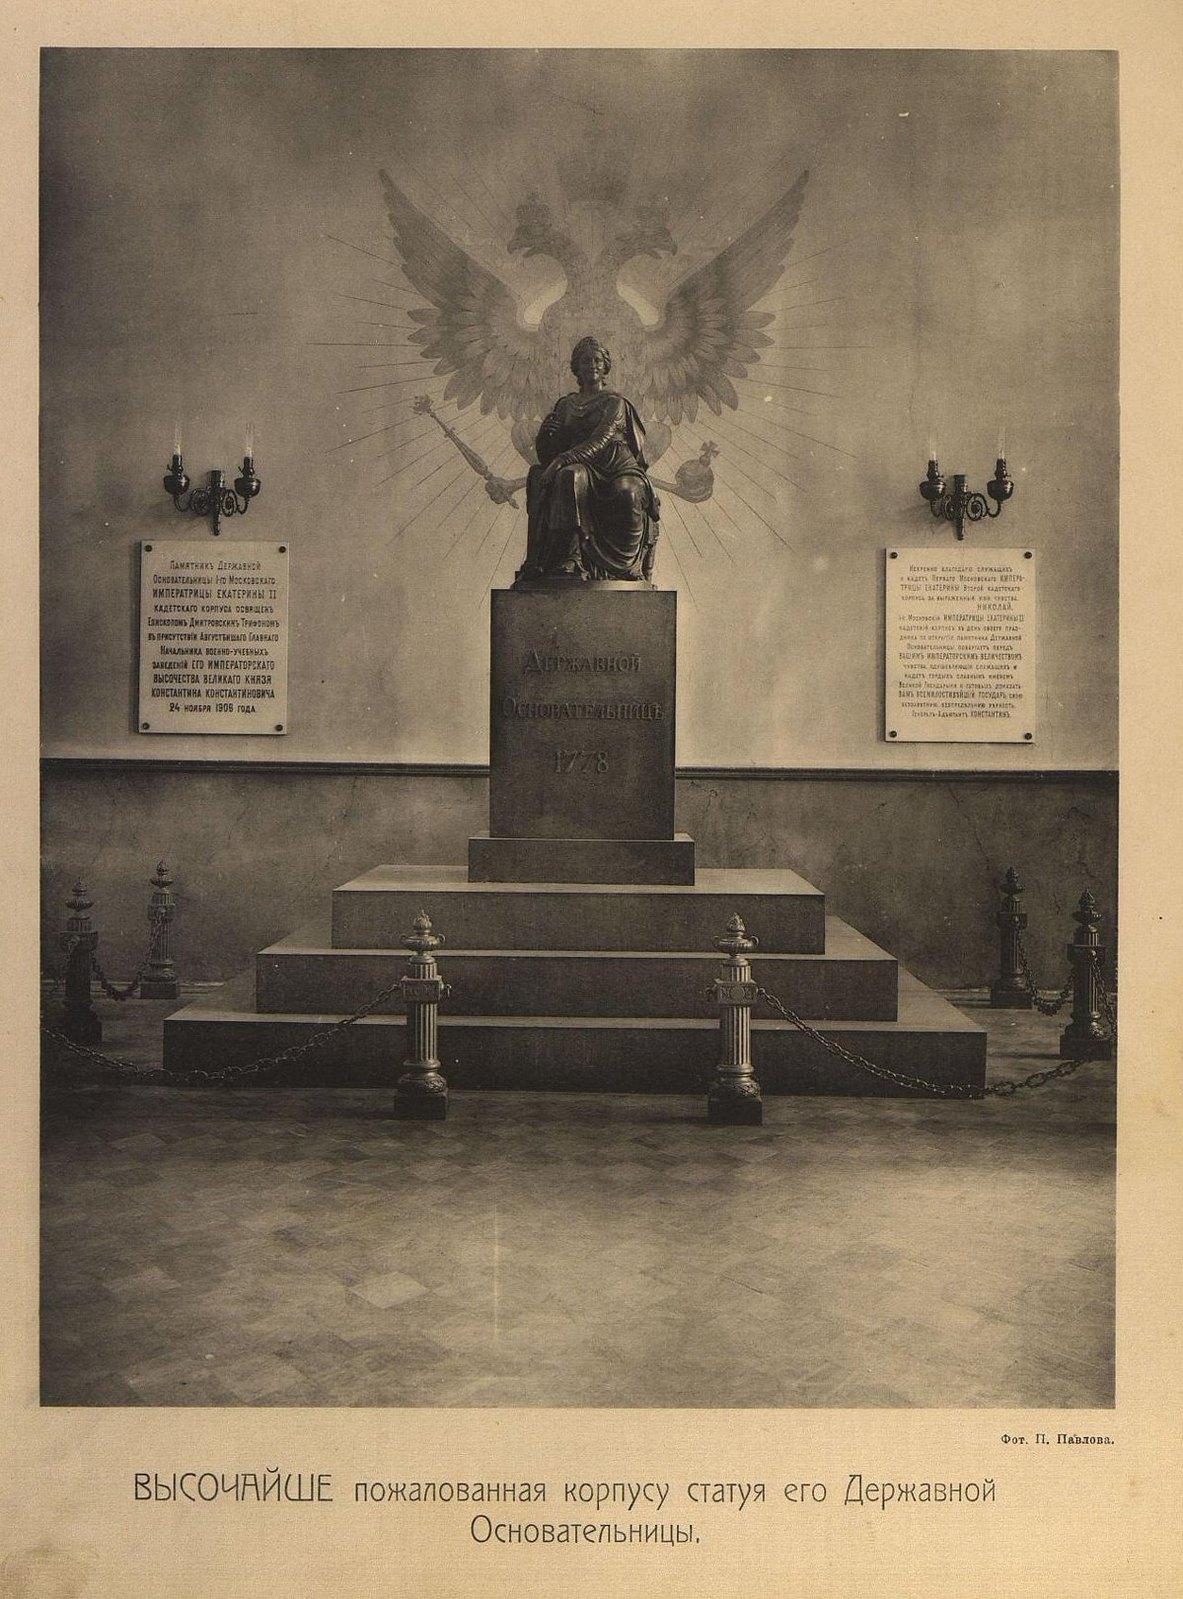 09. Высочайше пожалованная корпусу статуя его державной основательницы